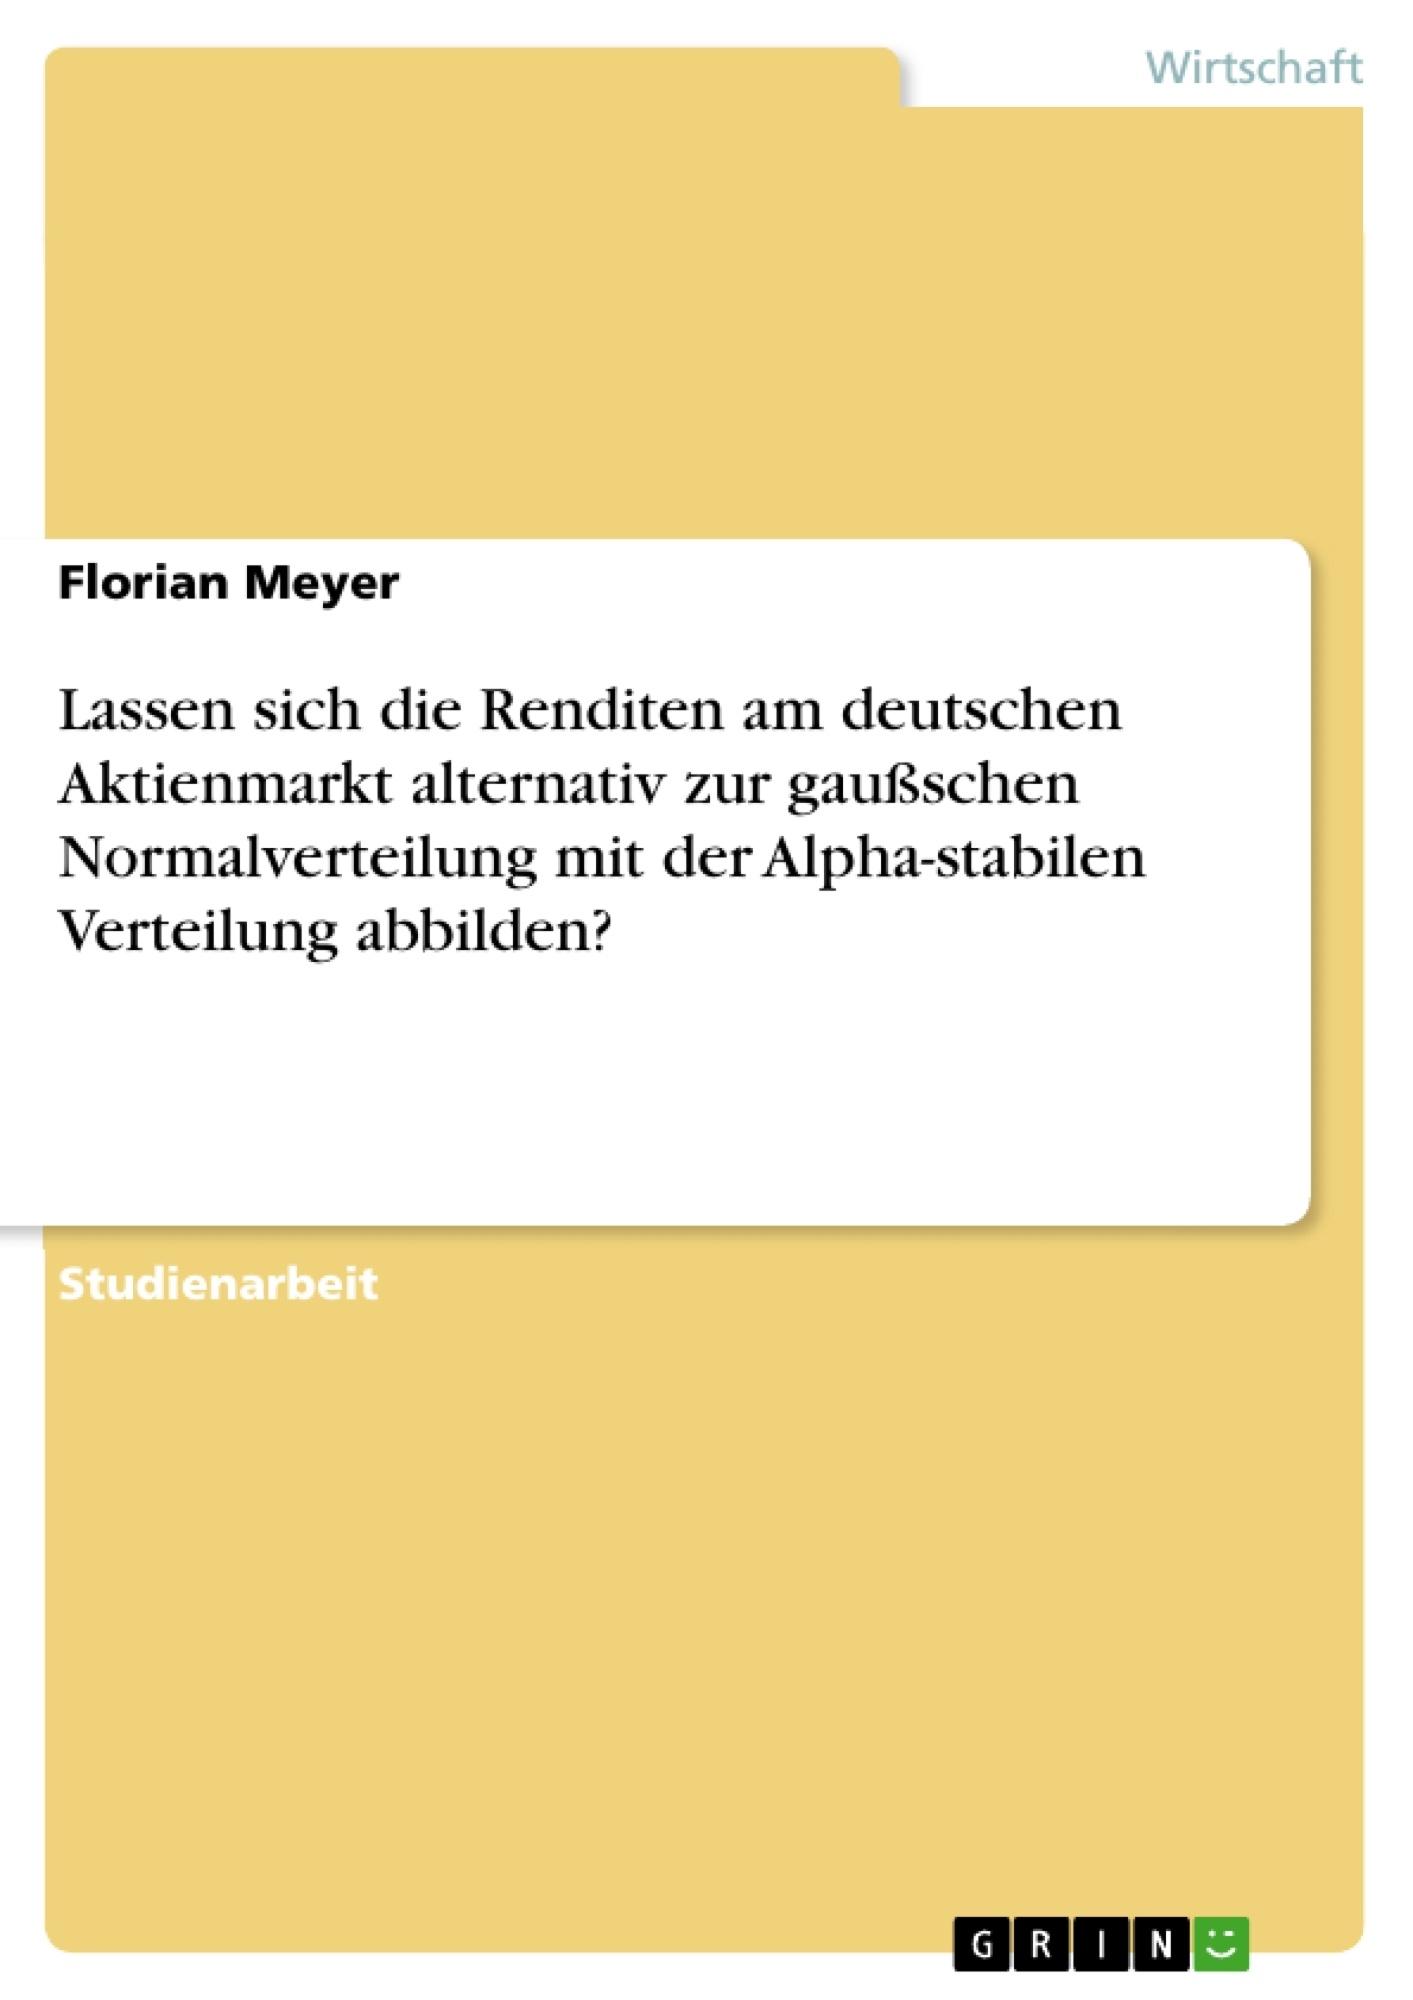 Titel: Lassen sich die Renditen am deutschen Aktienmarkt alternativ zur gaußschen Normalverteilung mit der Alpha-stabilen Verteilung abbilden?